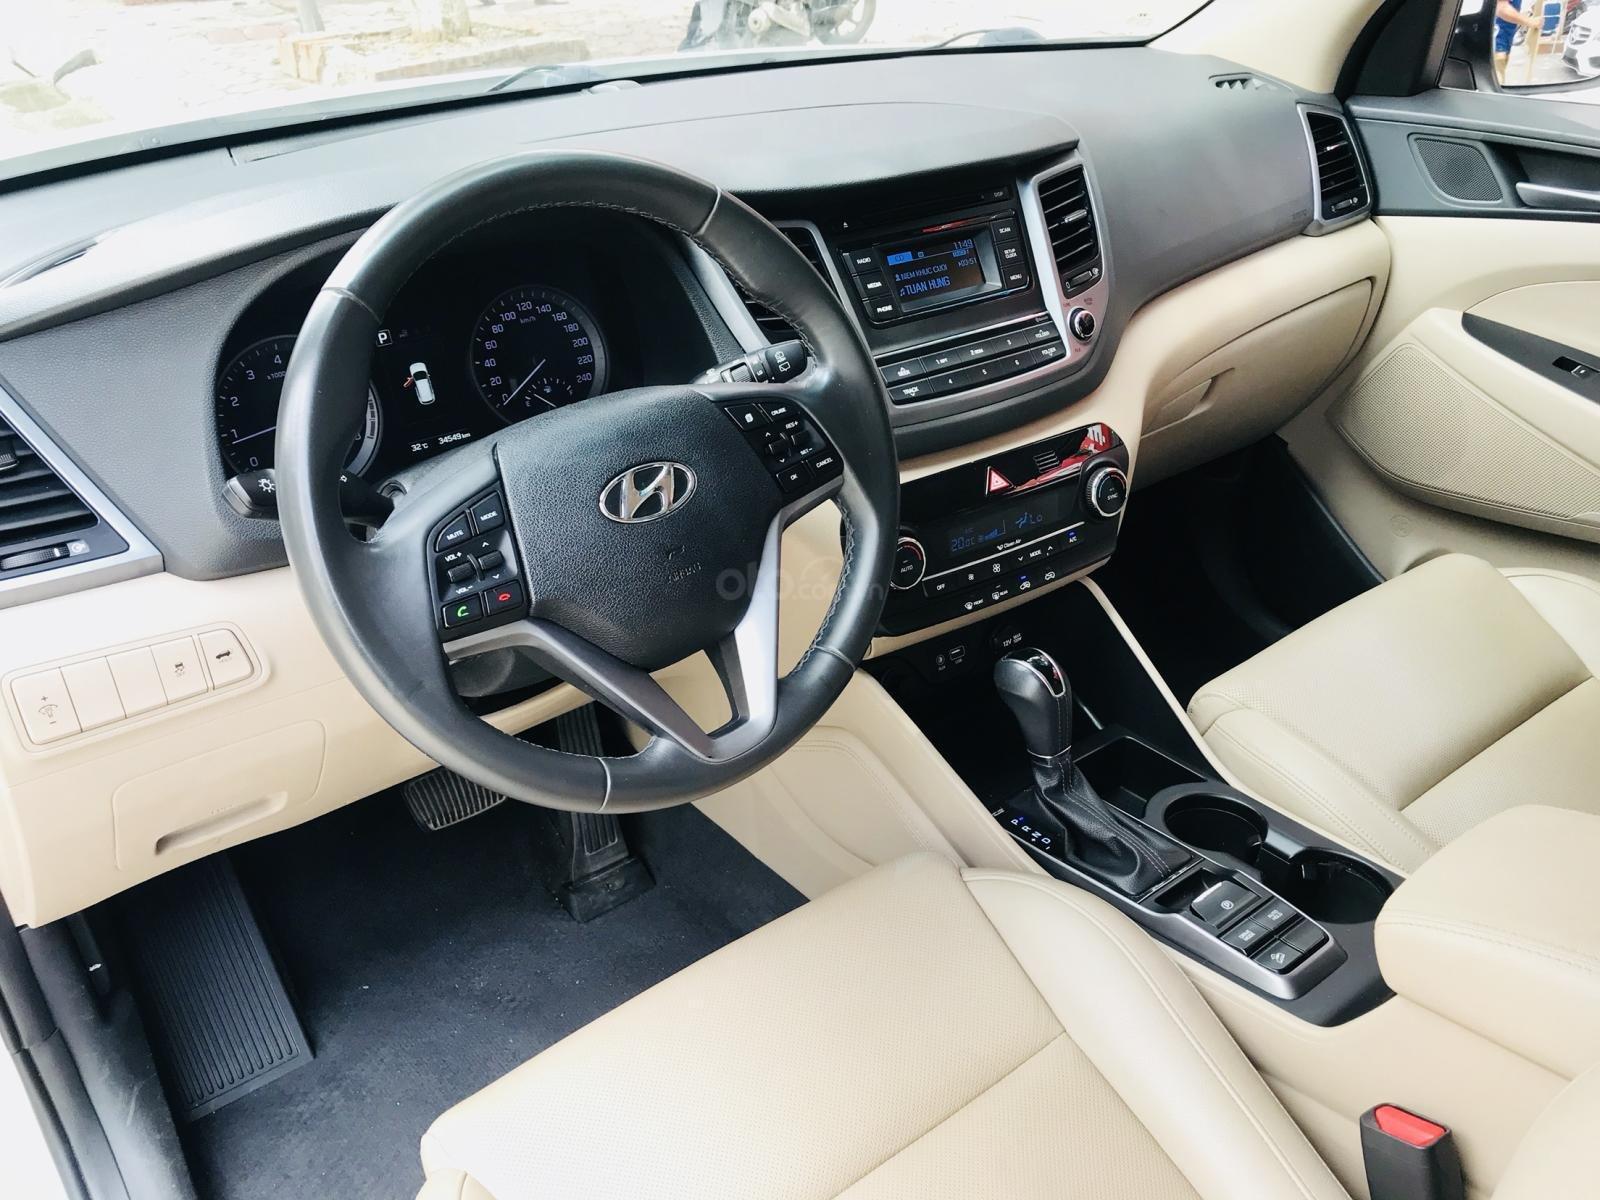 Bán Hyundai Tucson nhập sản xuất 2016 màu trắng (5)